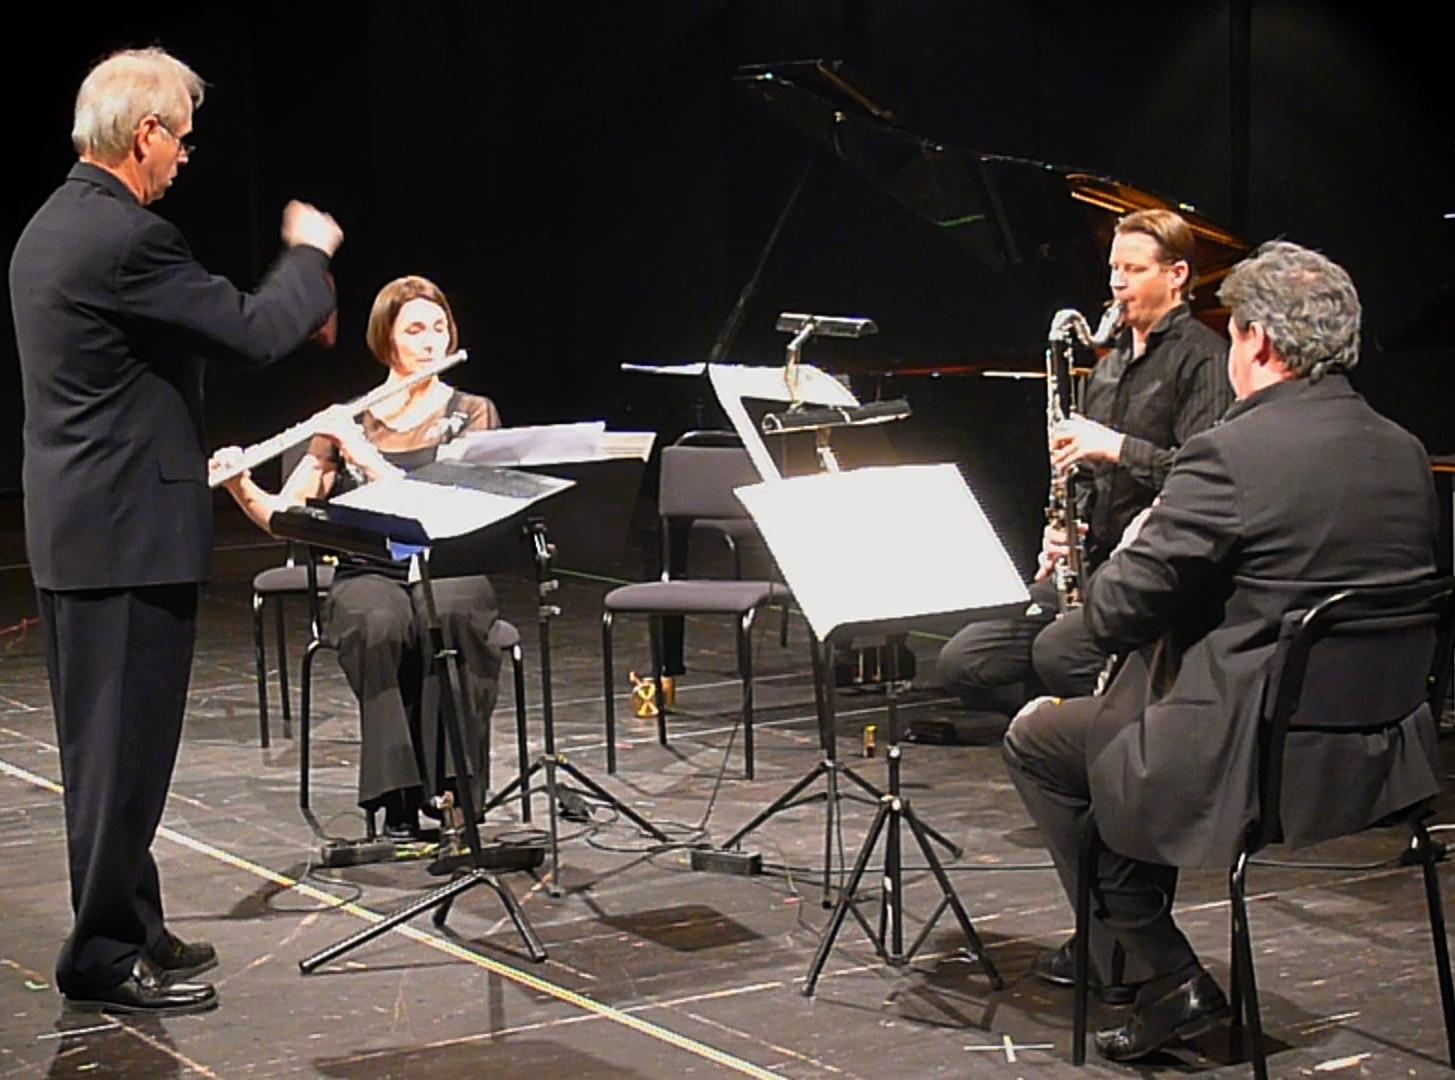 'Trialogue I' performed @MidVinterMusik Festivalen